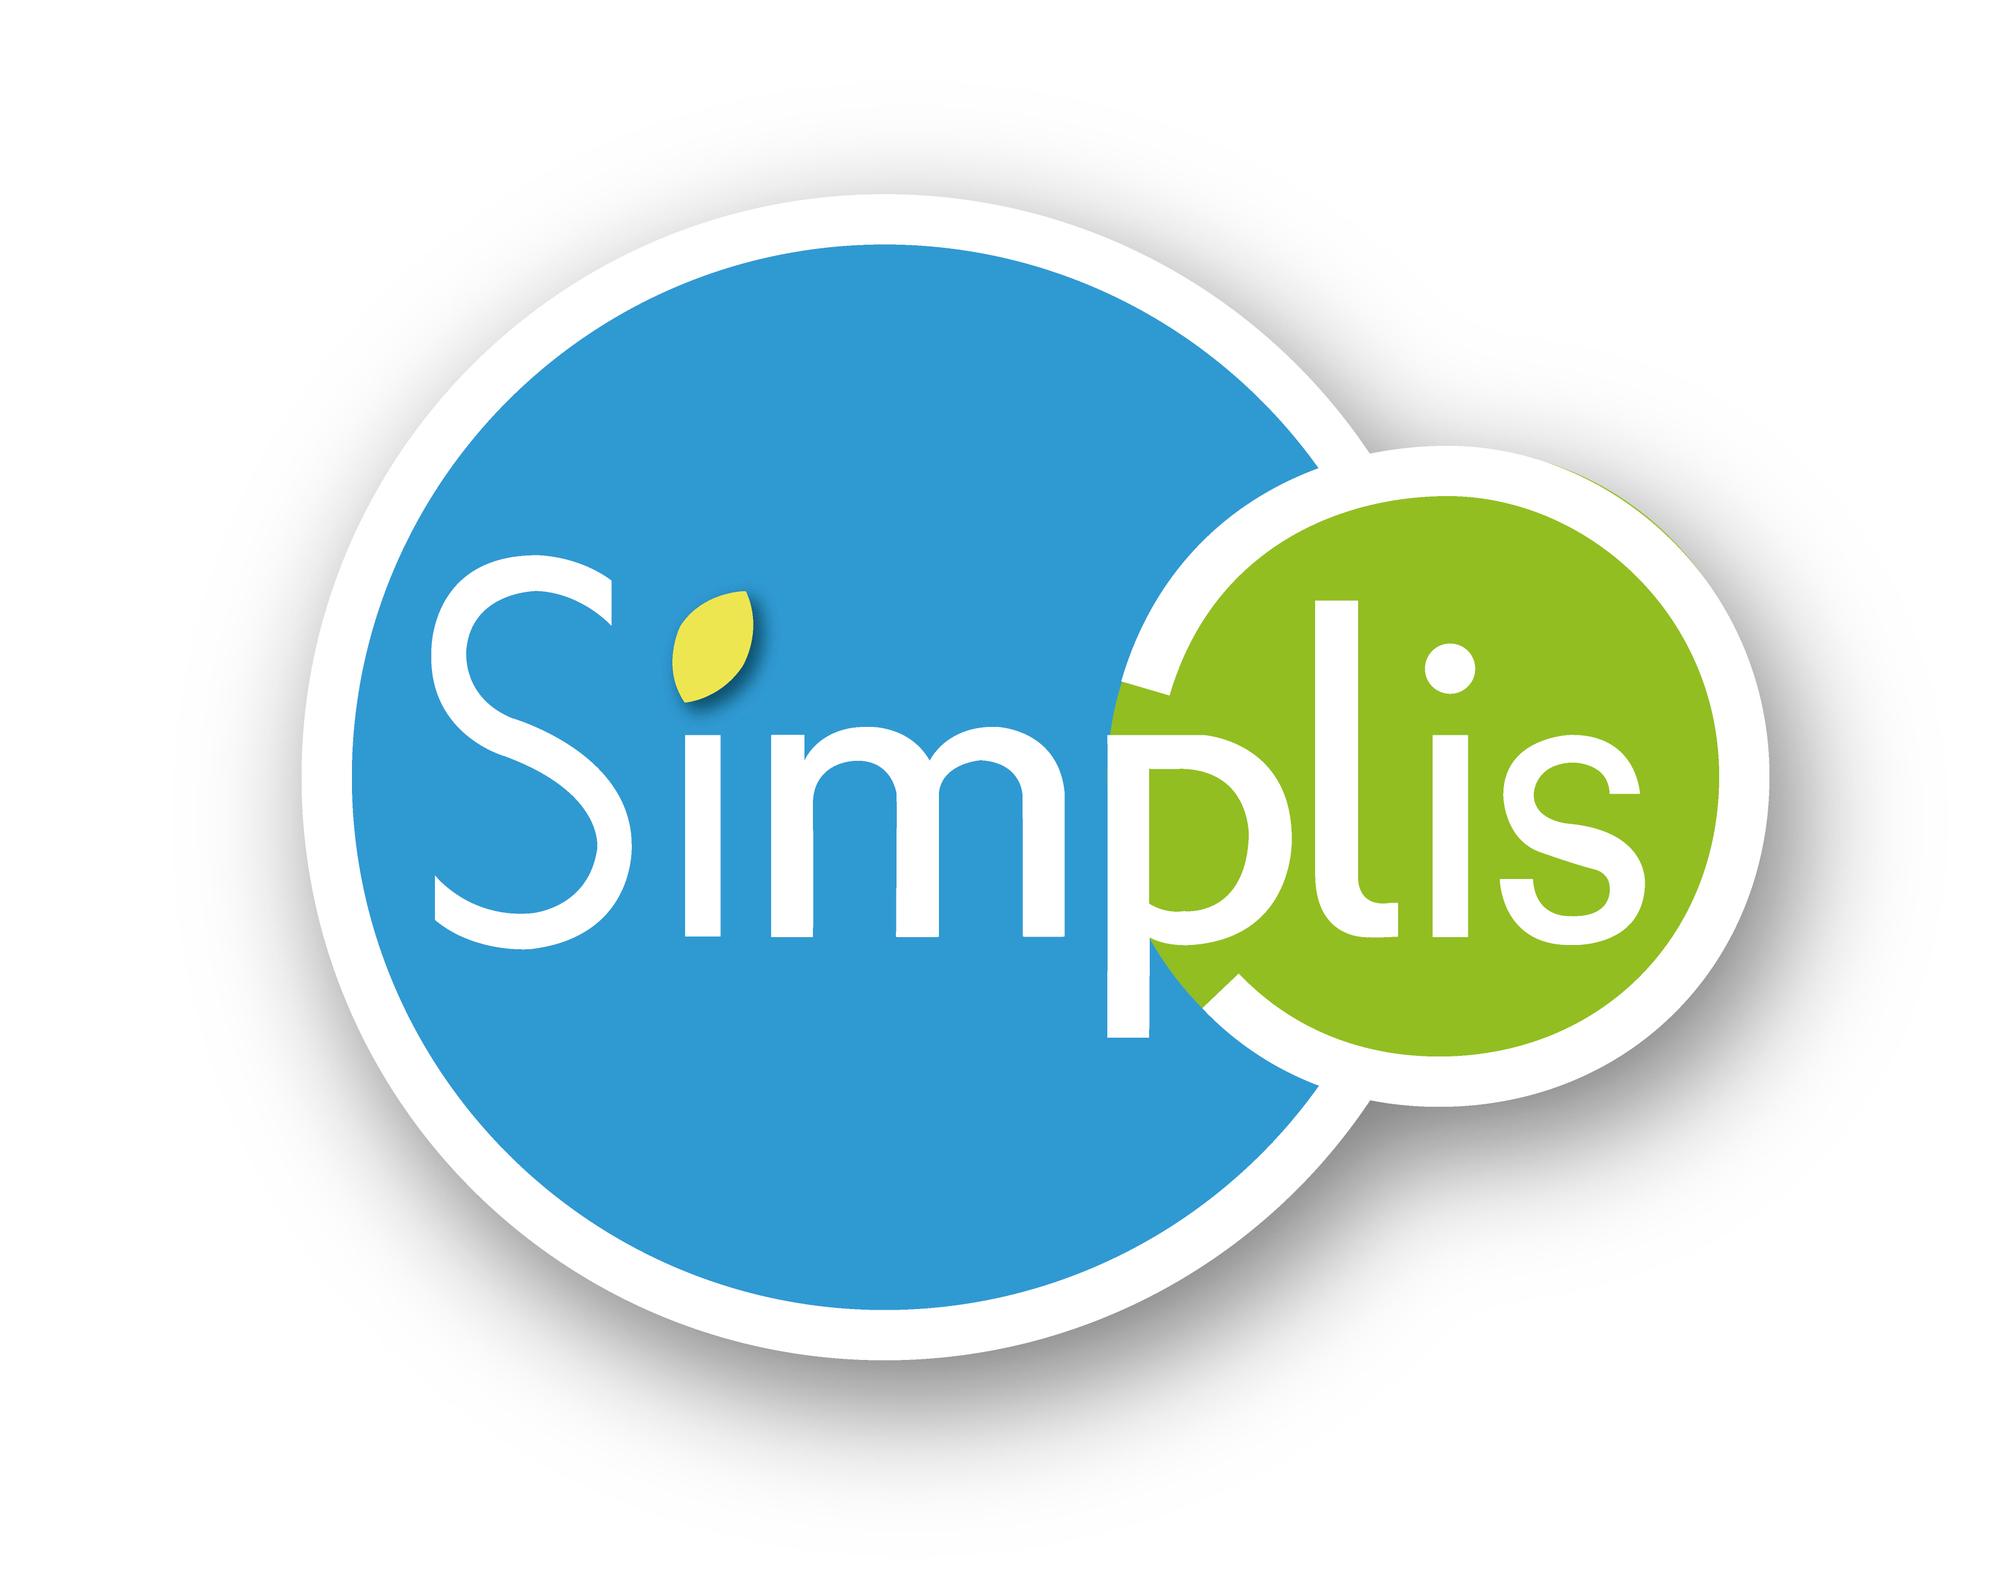 SIMPLIS